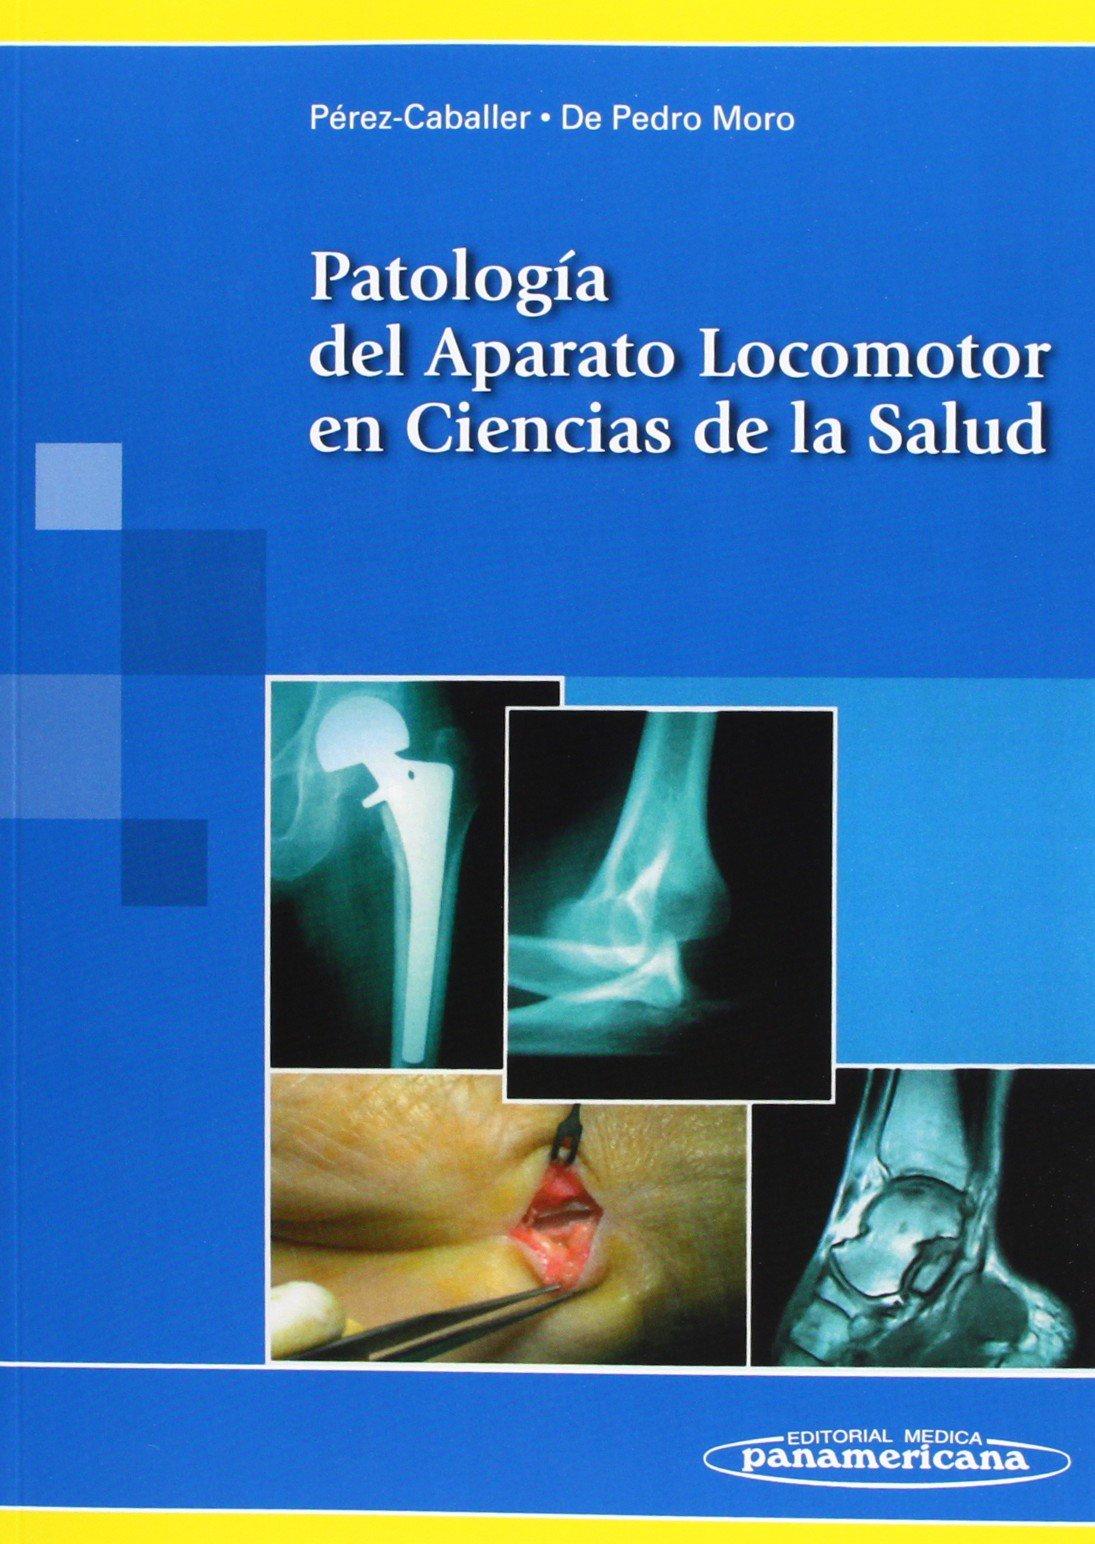 Patología del Aparato Locomotor en Ciencias de la Salud Tapa blanda – 2 jun 2004 Antonio J. Pérez Caballer José A. De Pedro Moro 8479039280 BOG_LIB_U_022126